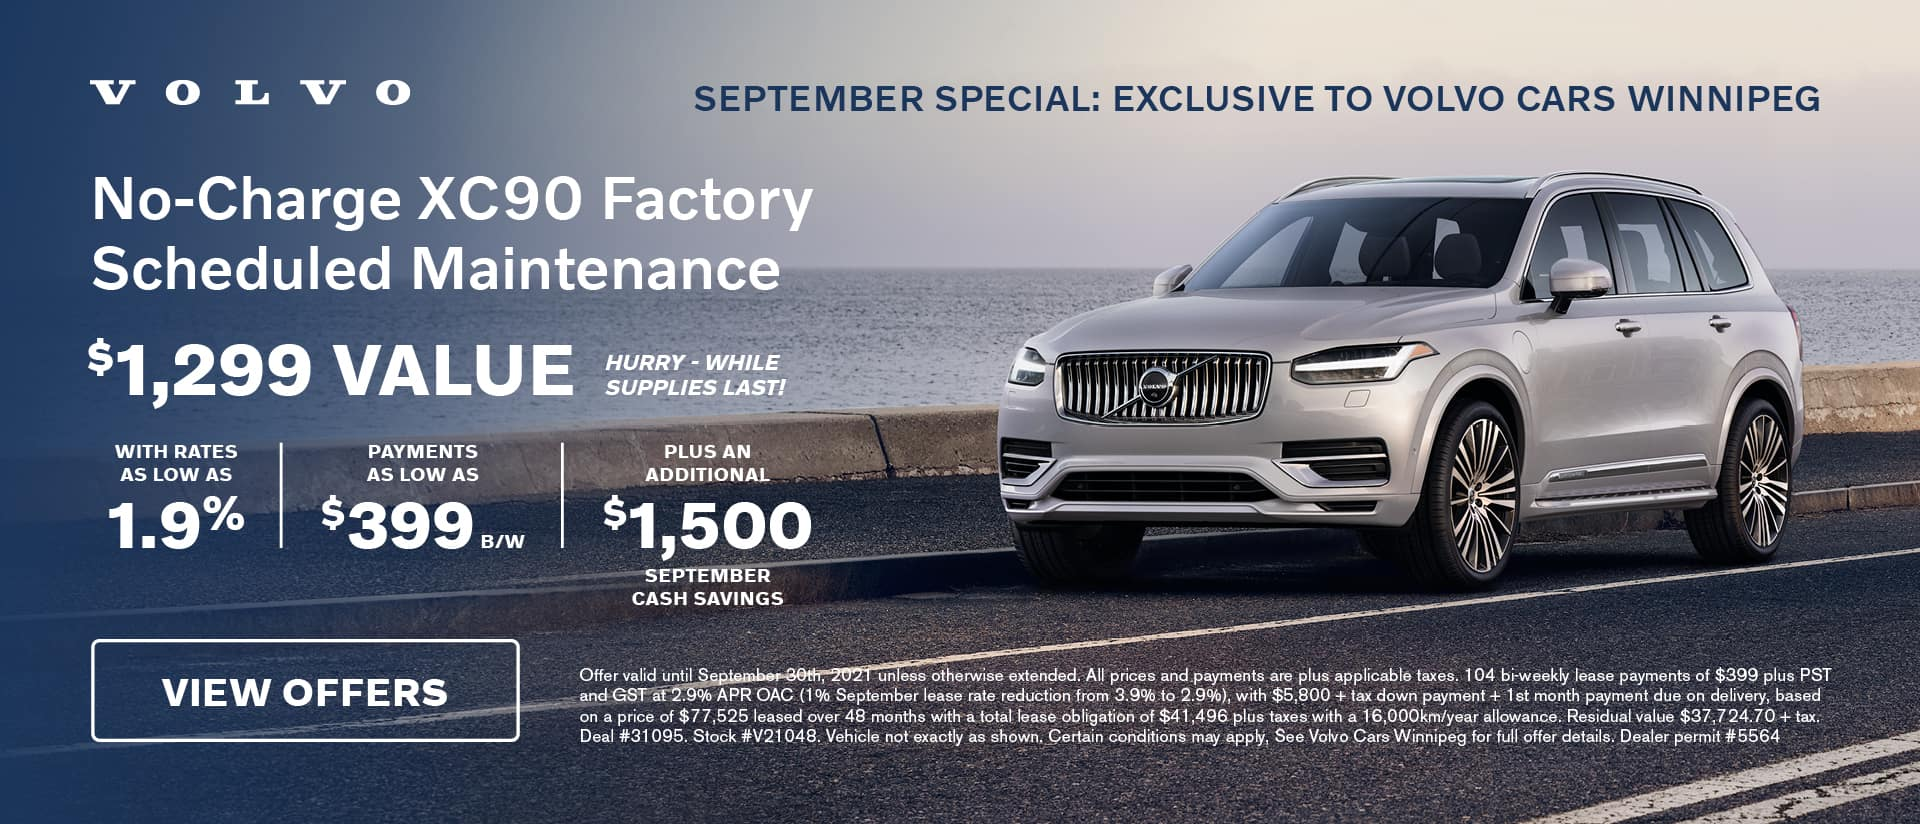 Volvo Cars Winnipeg September Offer